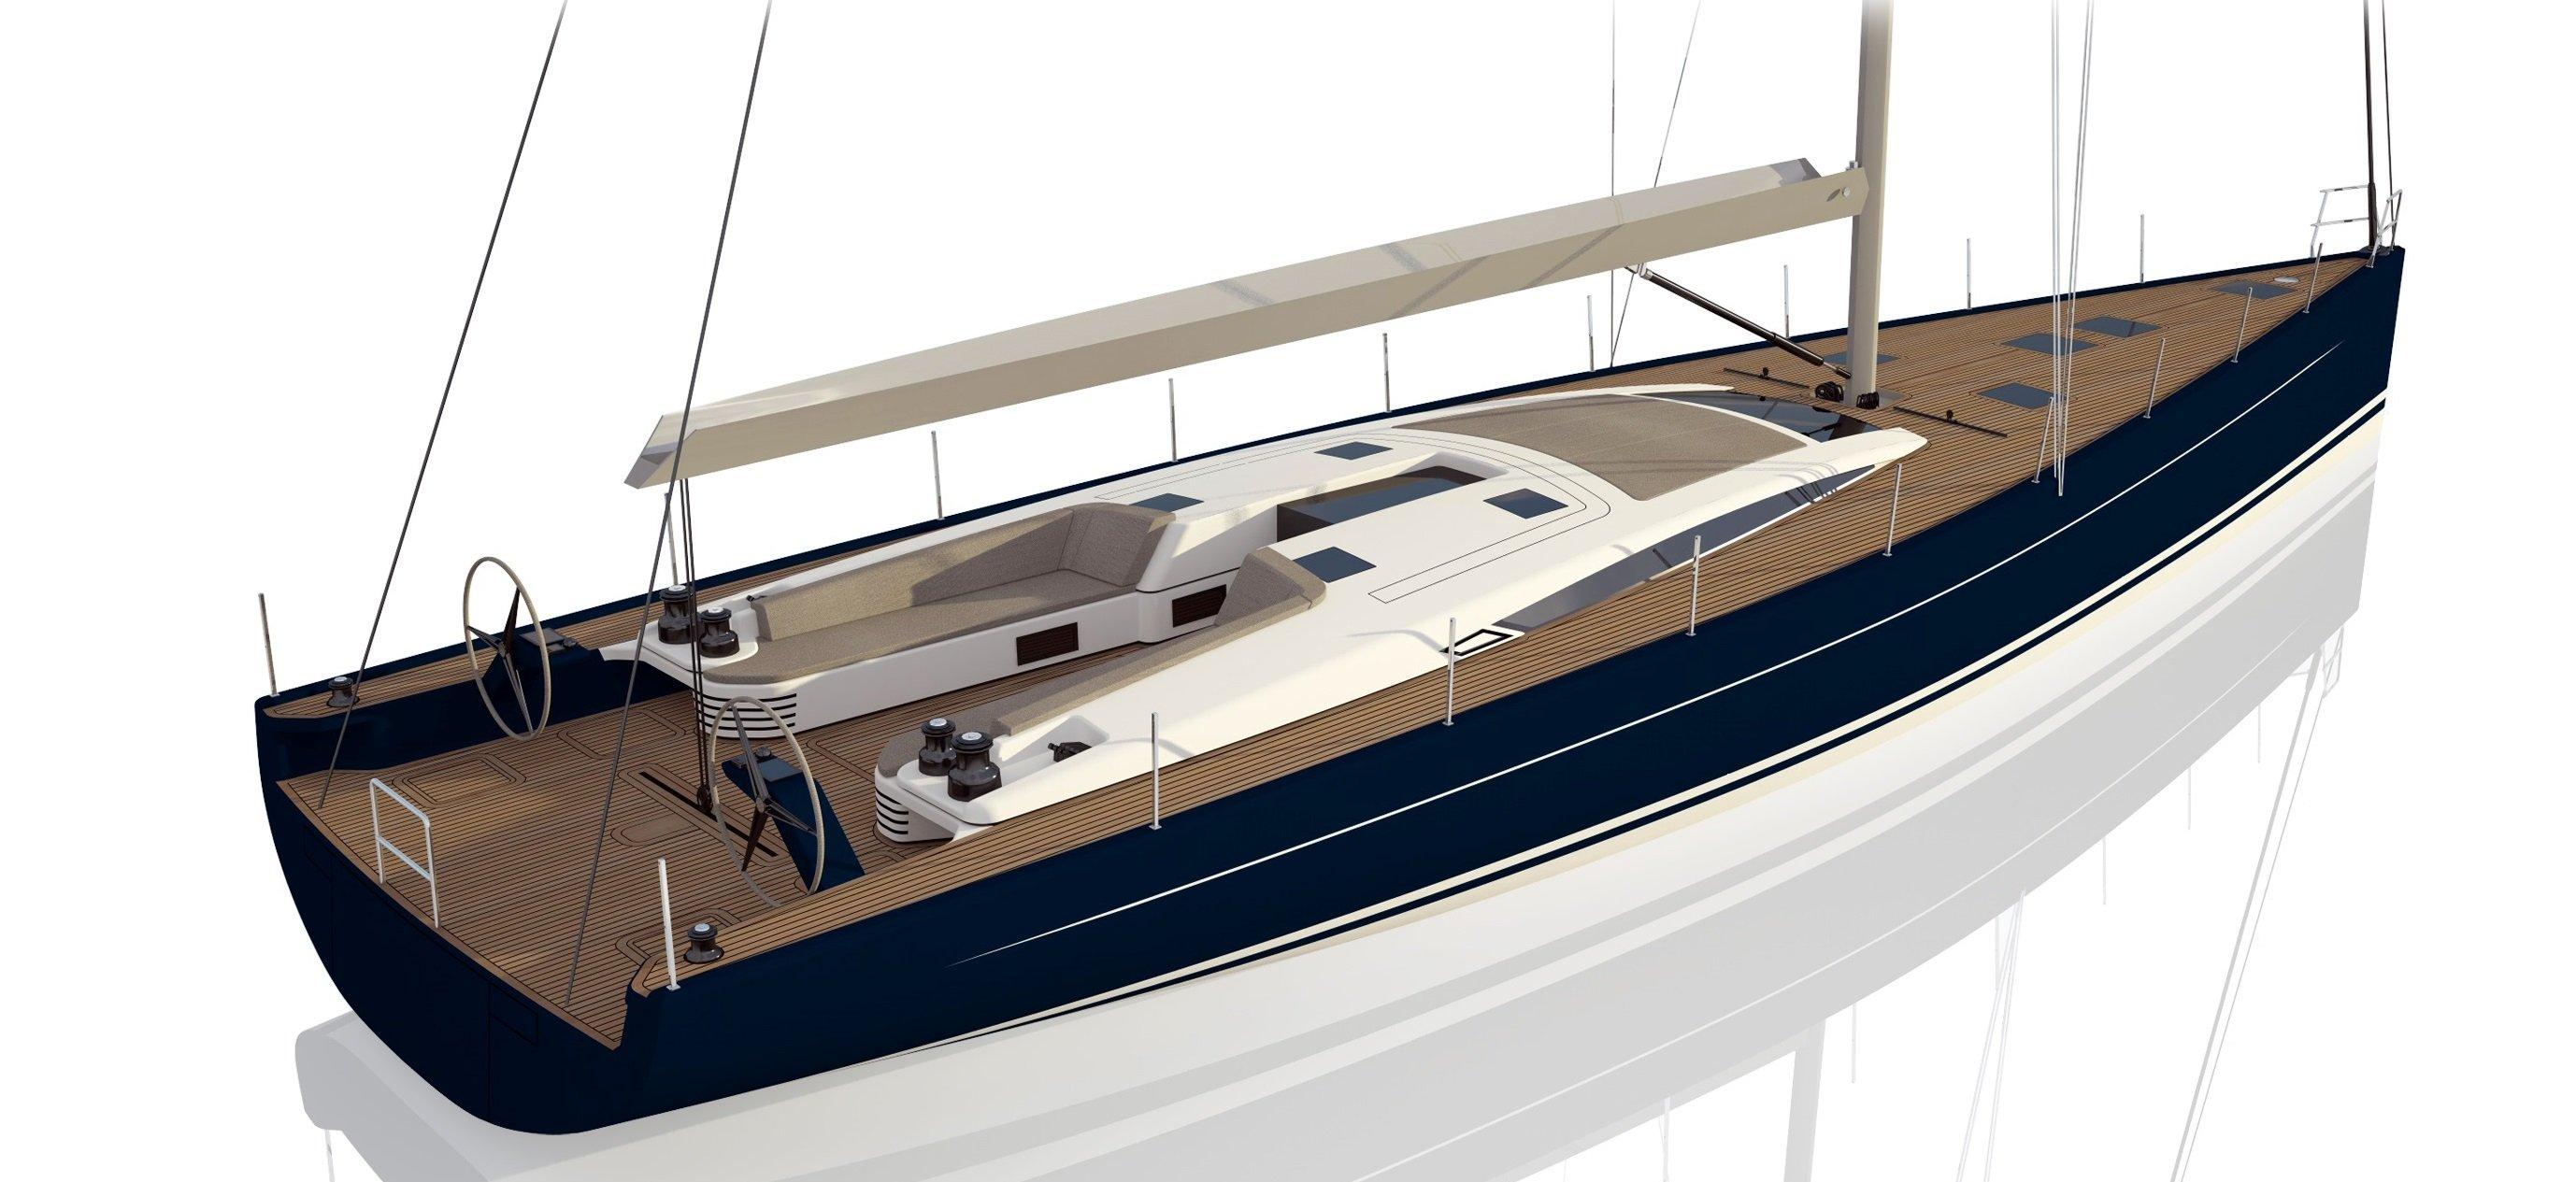 Vismara V67 Mills deck